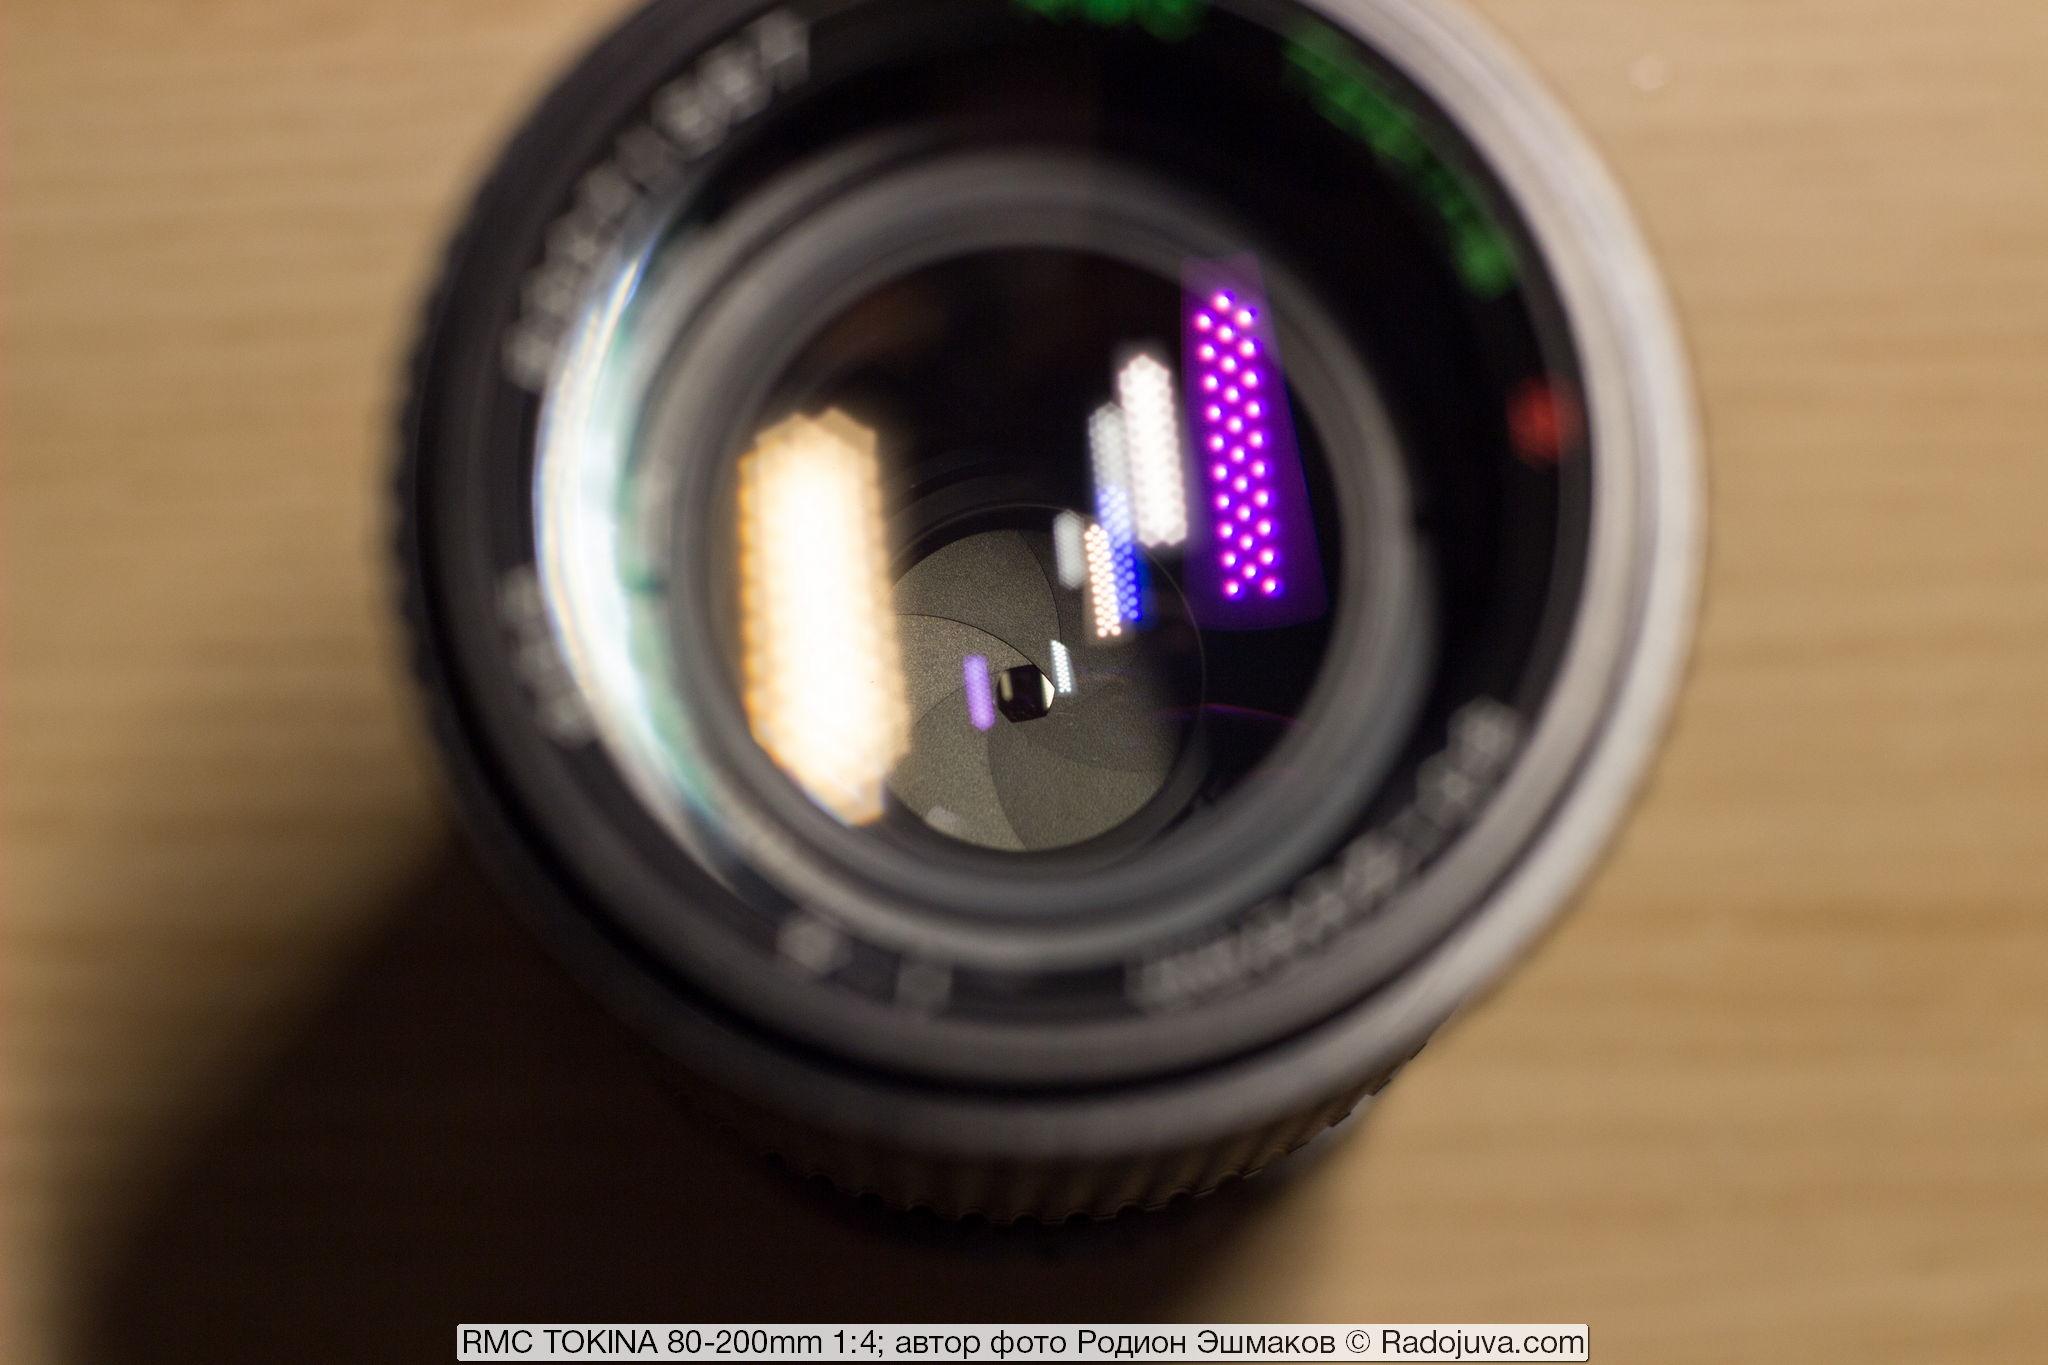 Вид закрытой диафрагмы объектива